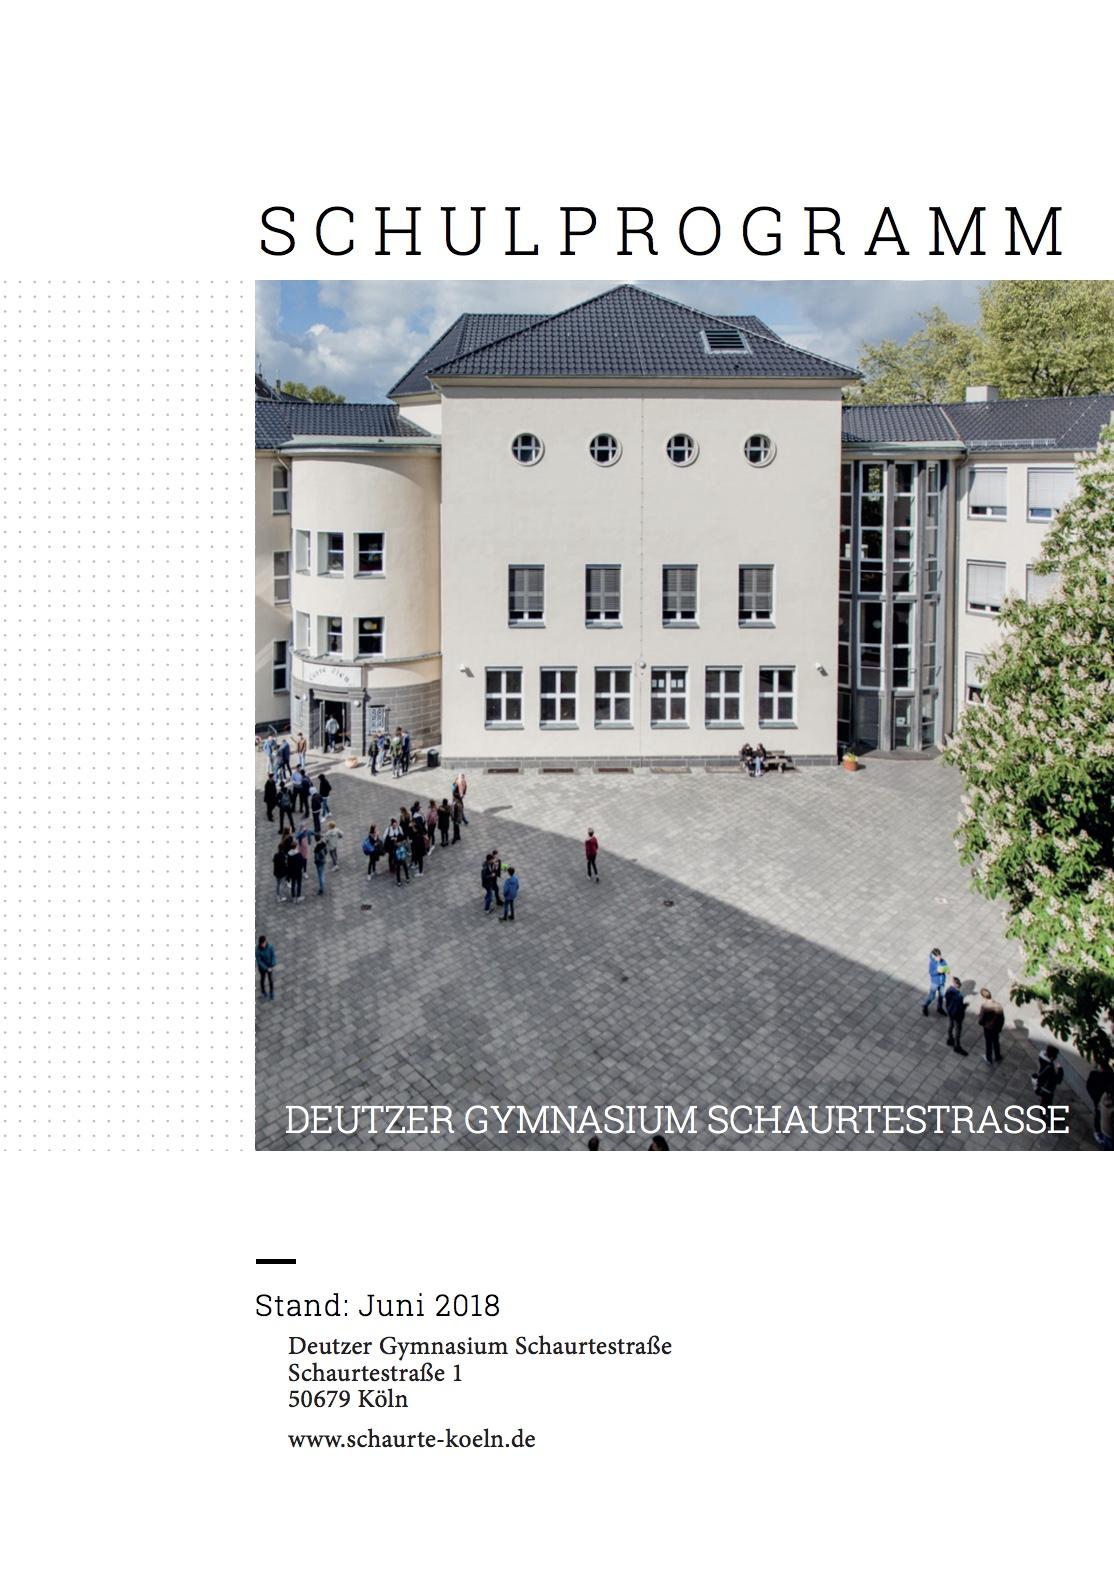 Schulprogramm-PIC